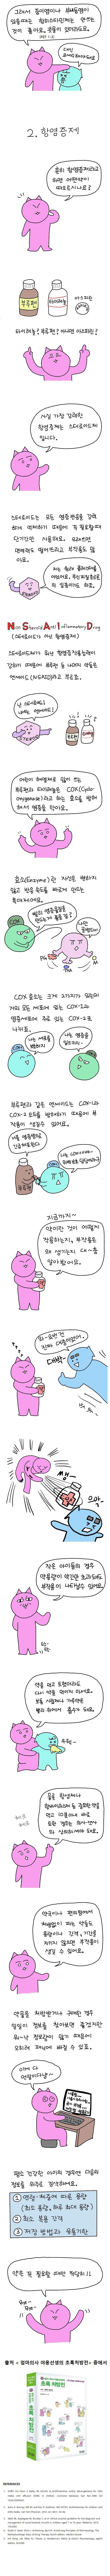 20180525_약_(2)_1.JPG